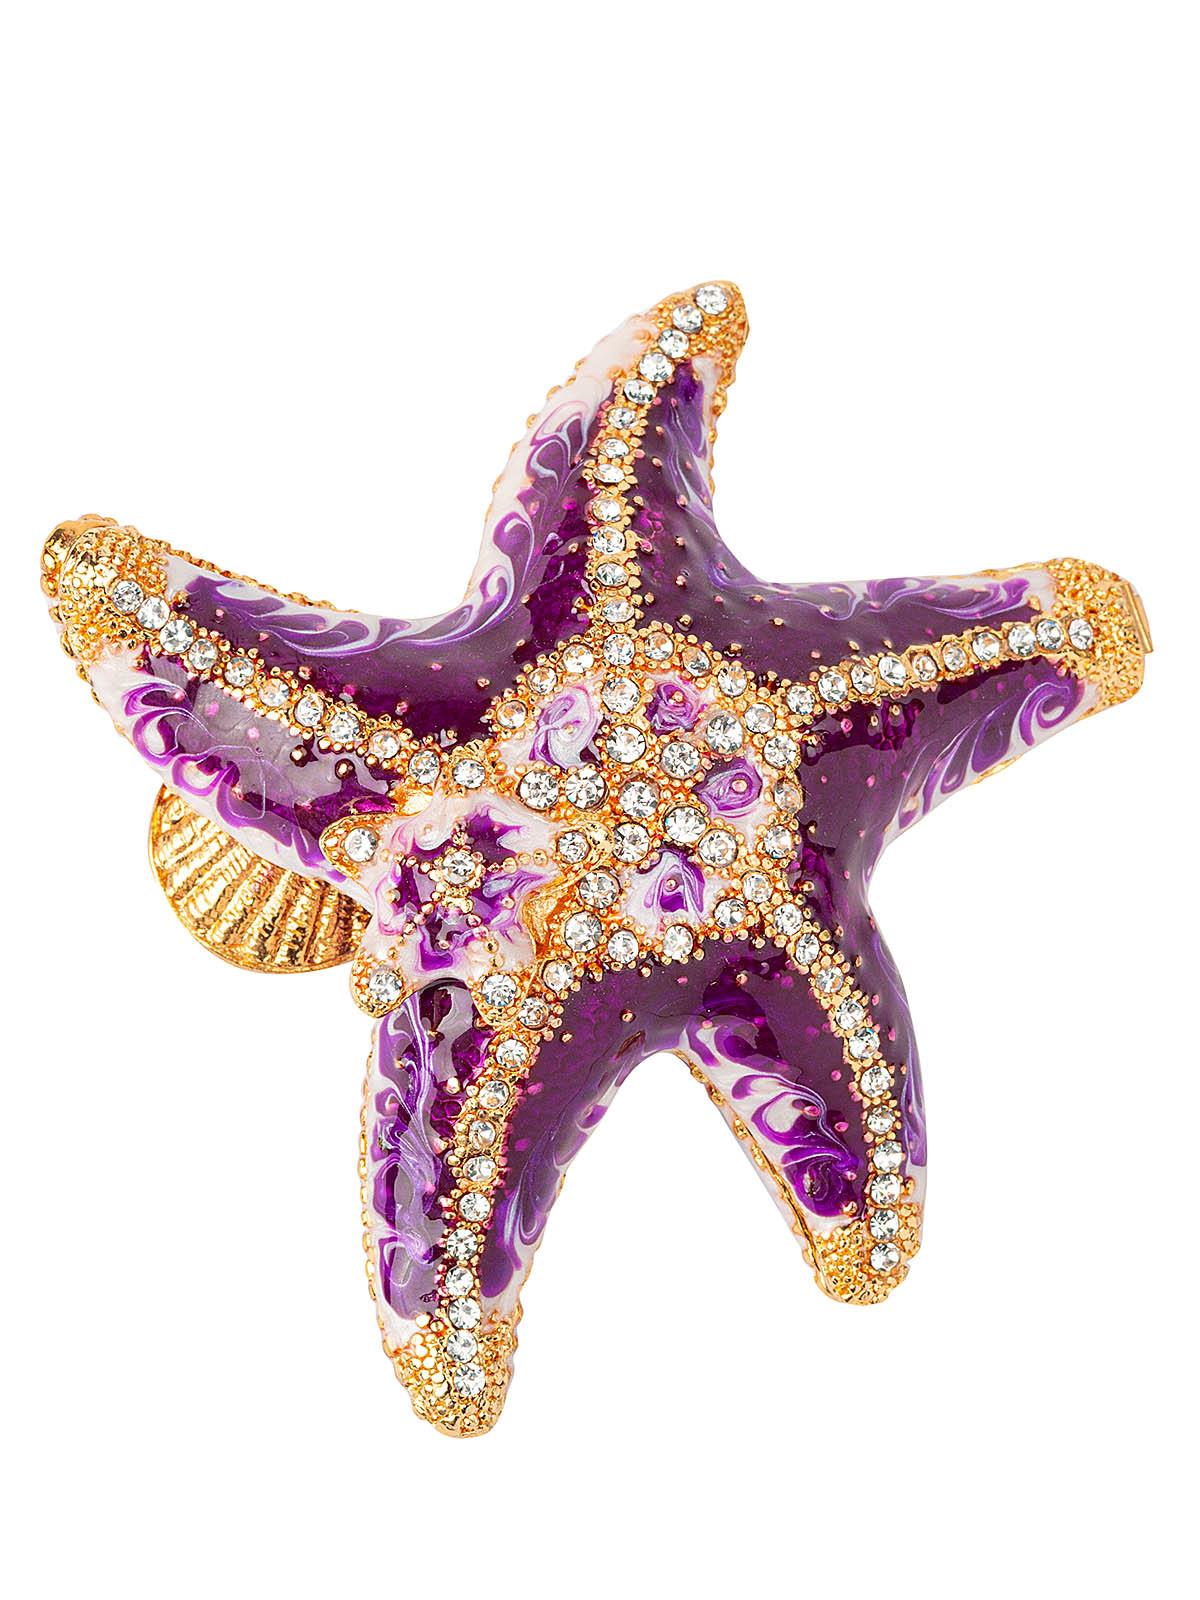 Шкатулка для украшений Звезда S-4491 фиолетовый